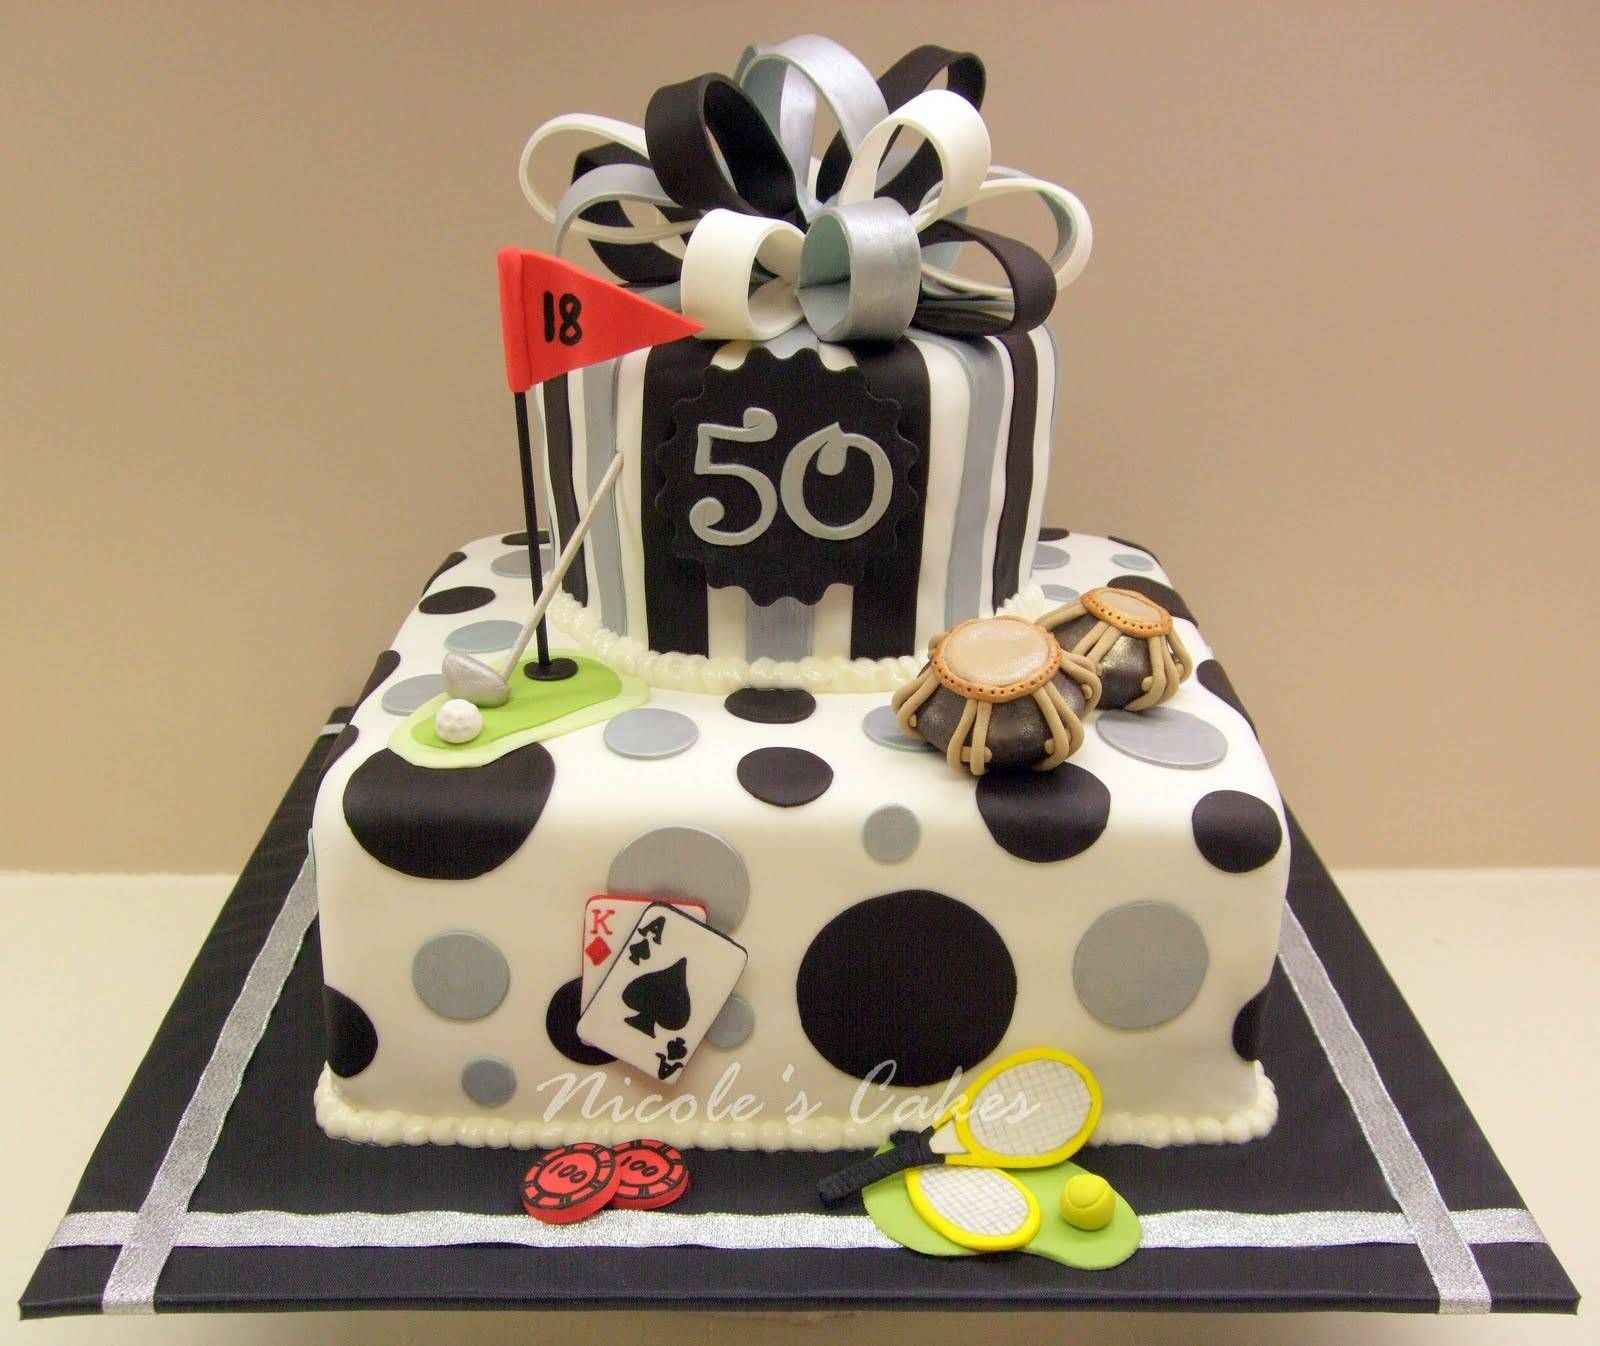 Woodbridge Birthday Cakes